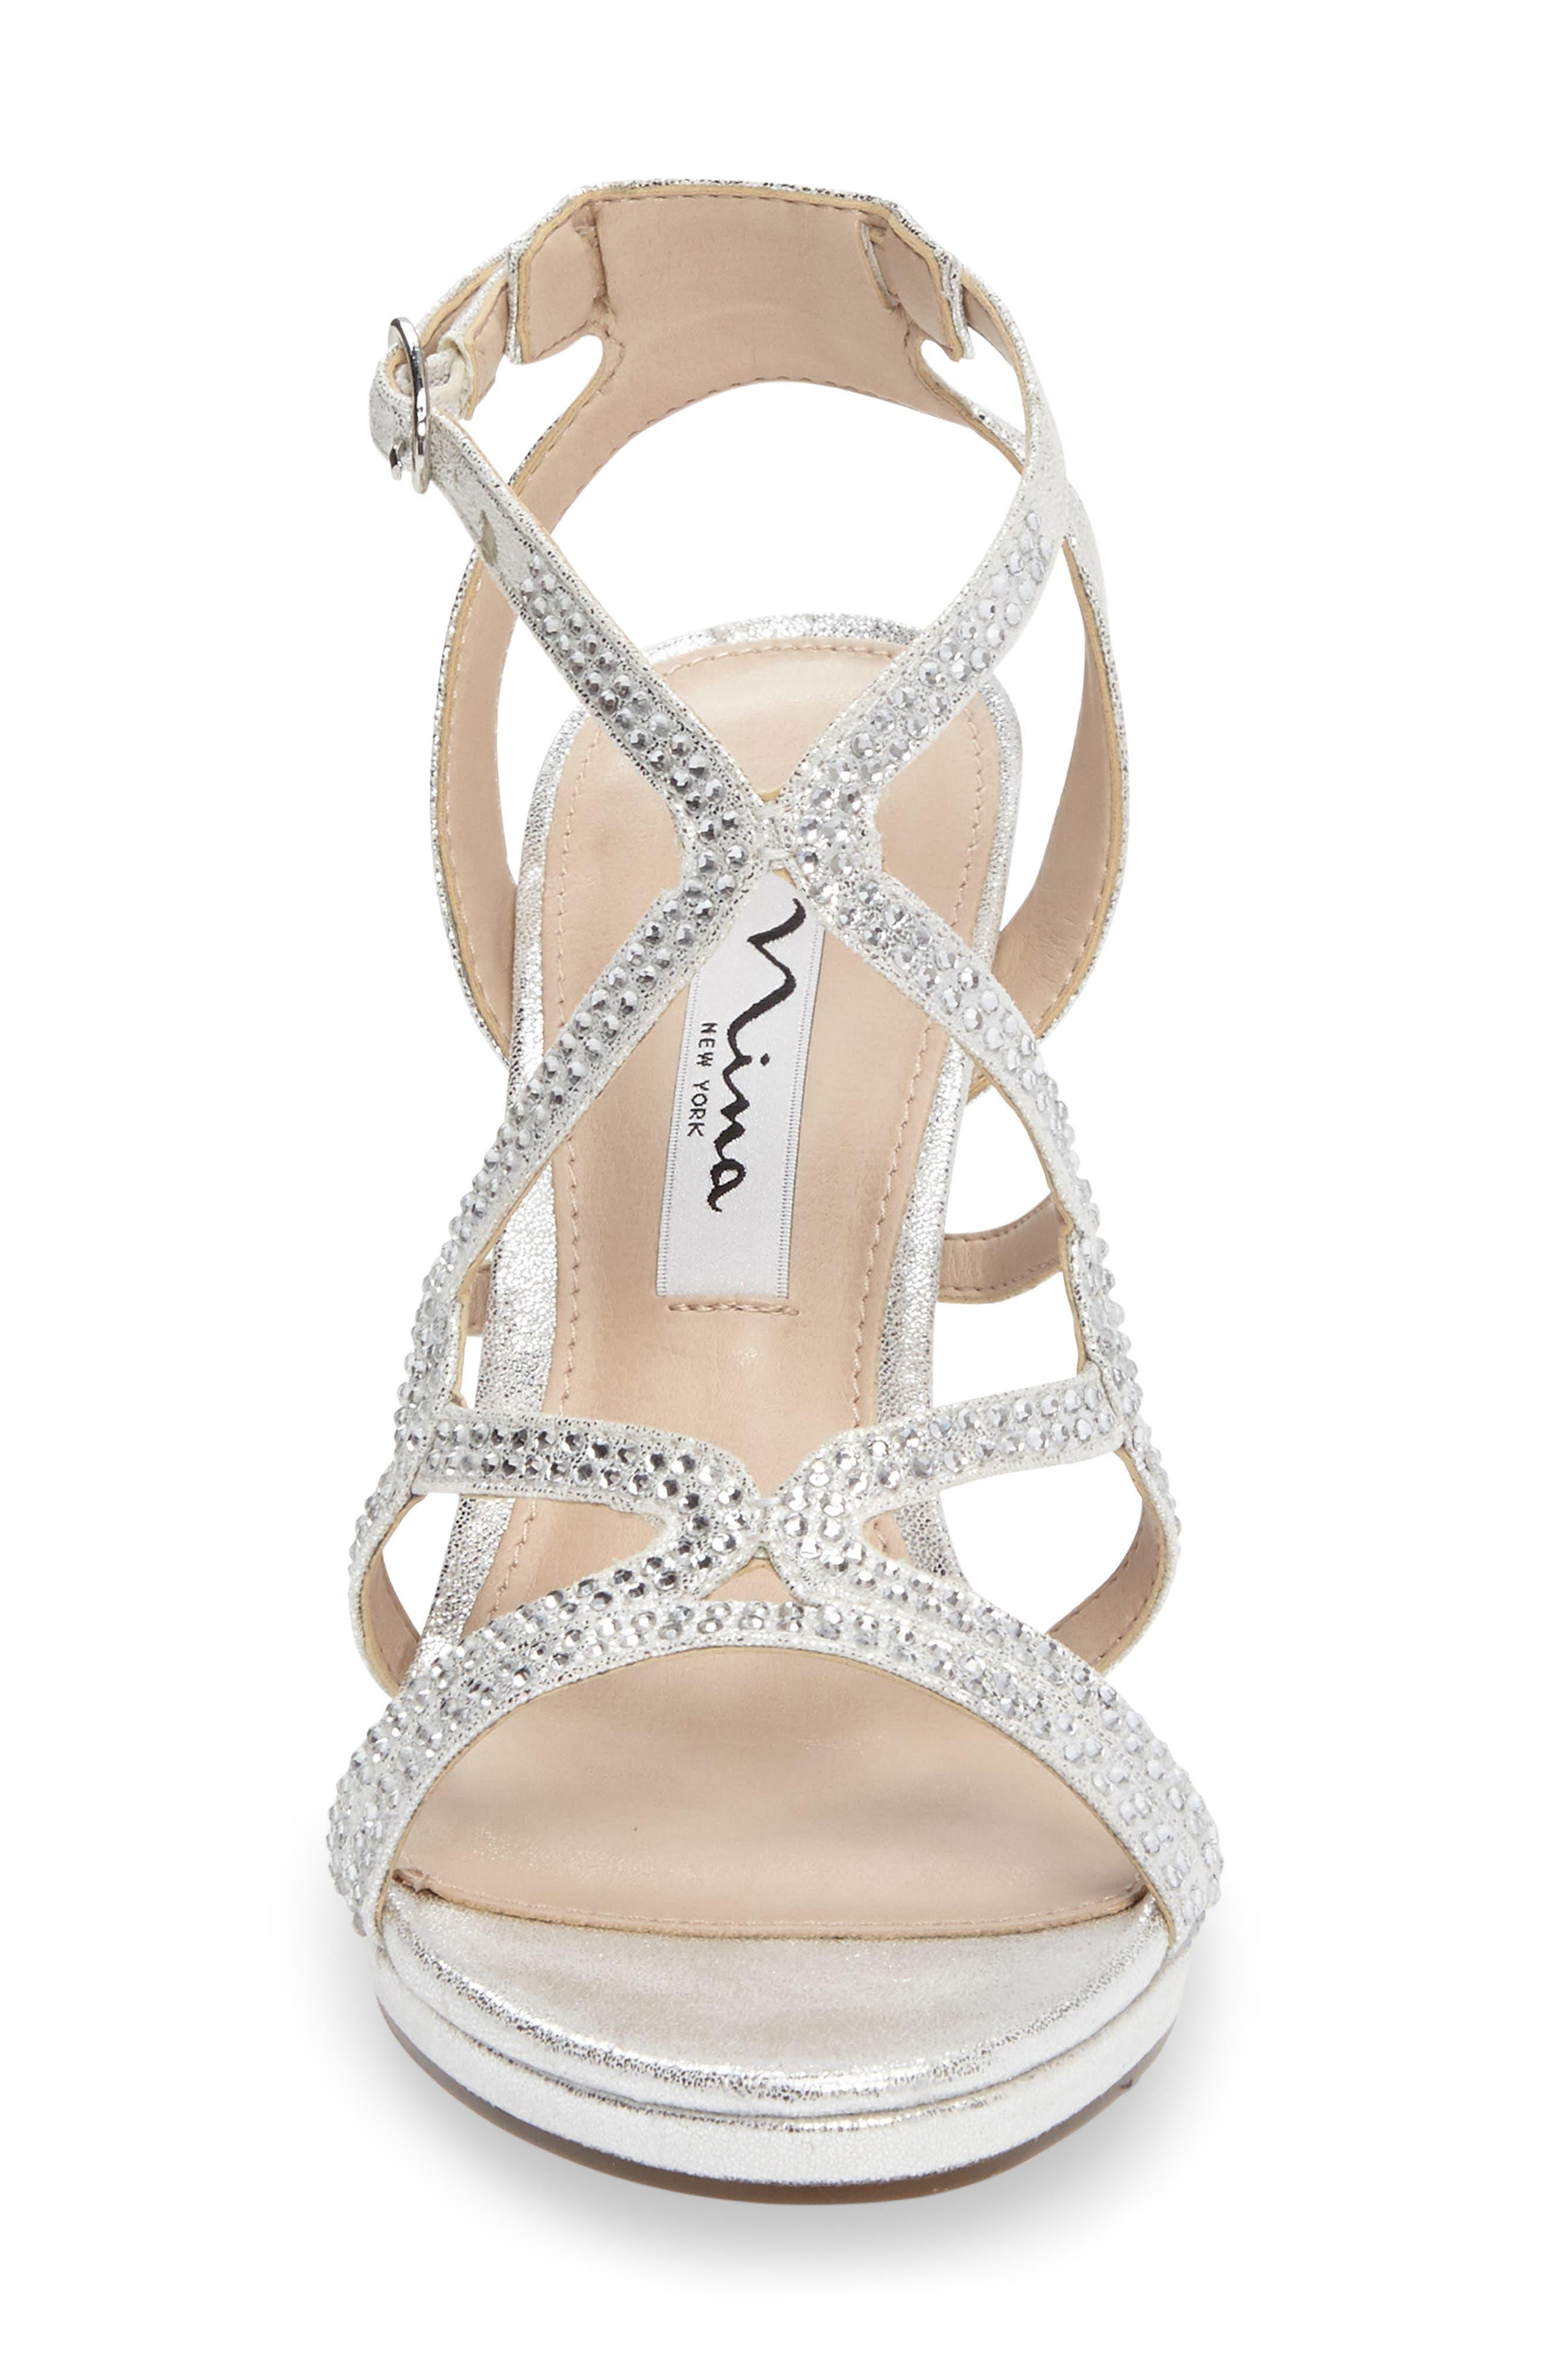 Varsha Crystal Embellished Evening Sandal,                             Alternate thumbnail 4, color,                             SILVER FAUX SUEDE